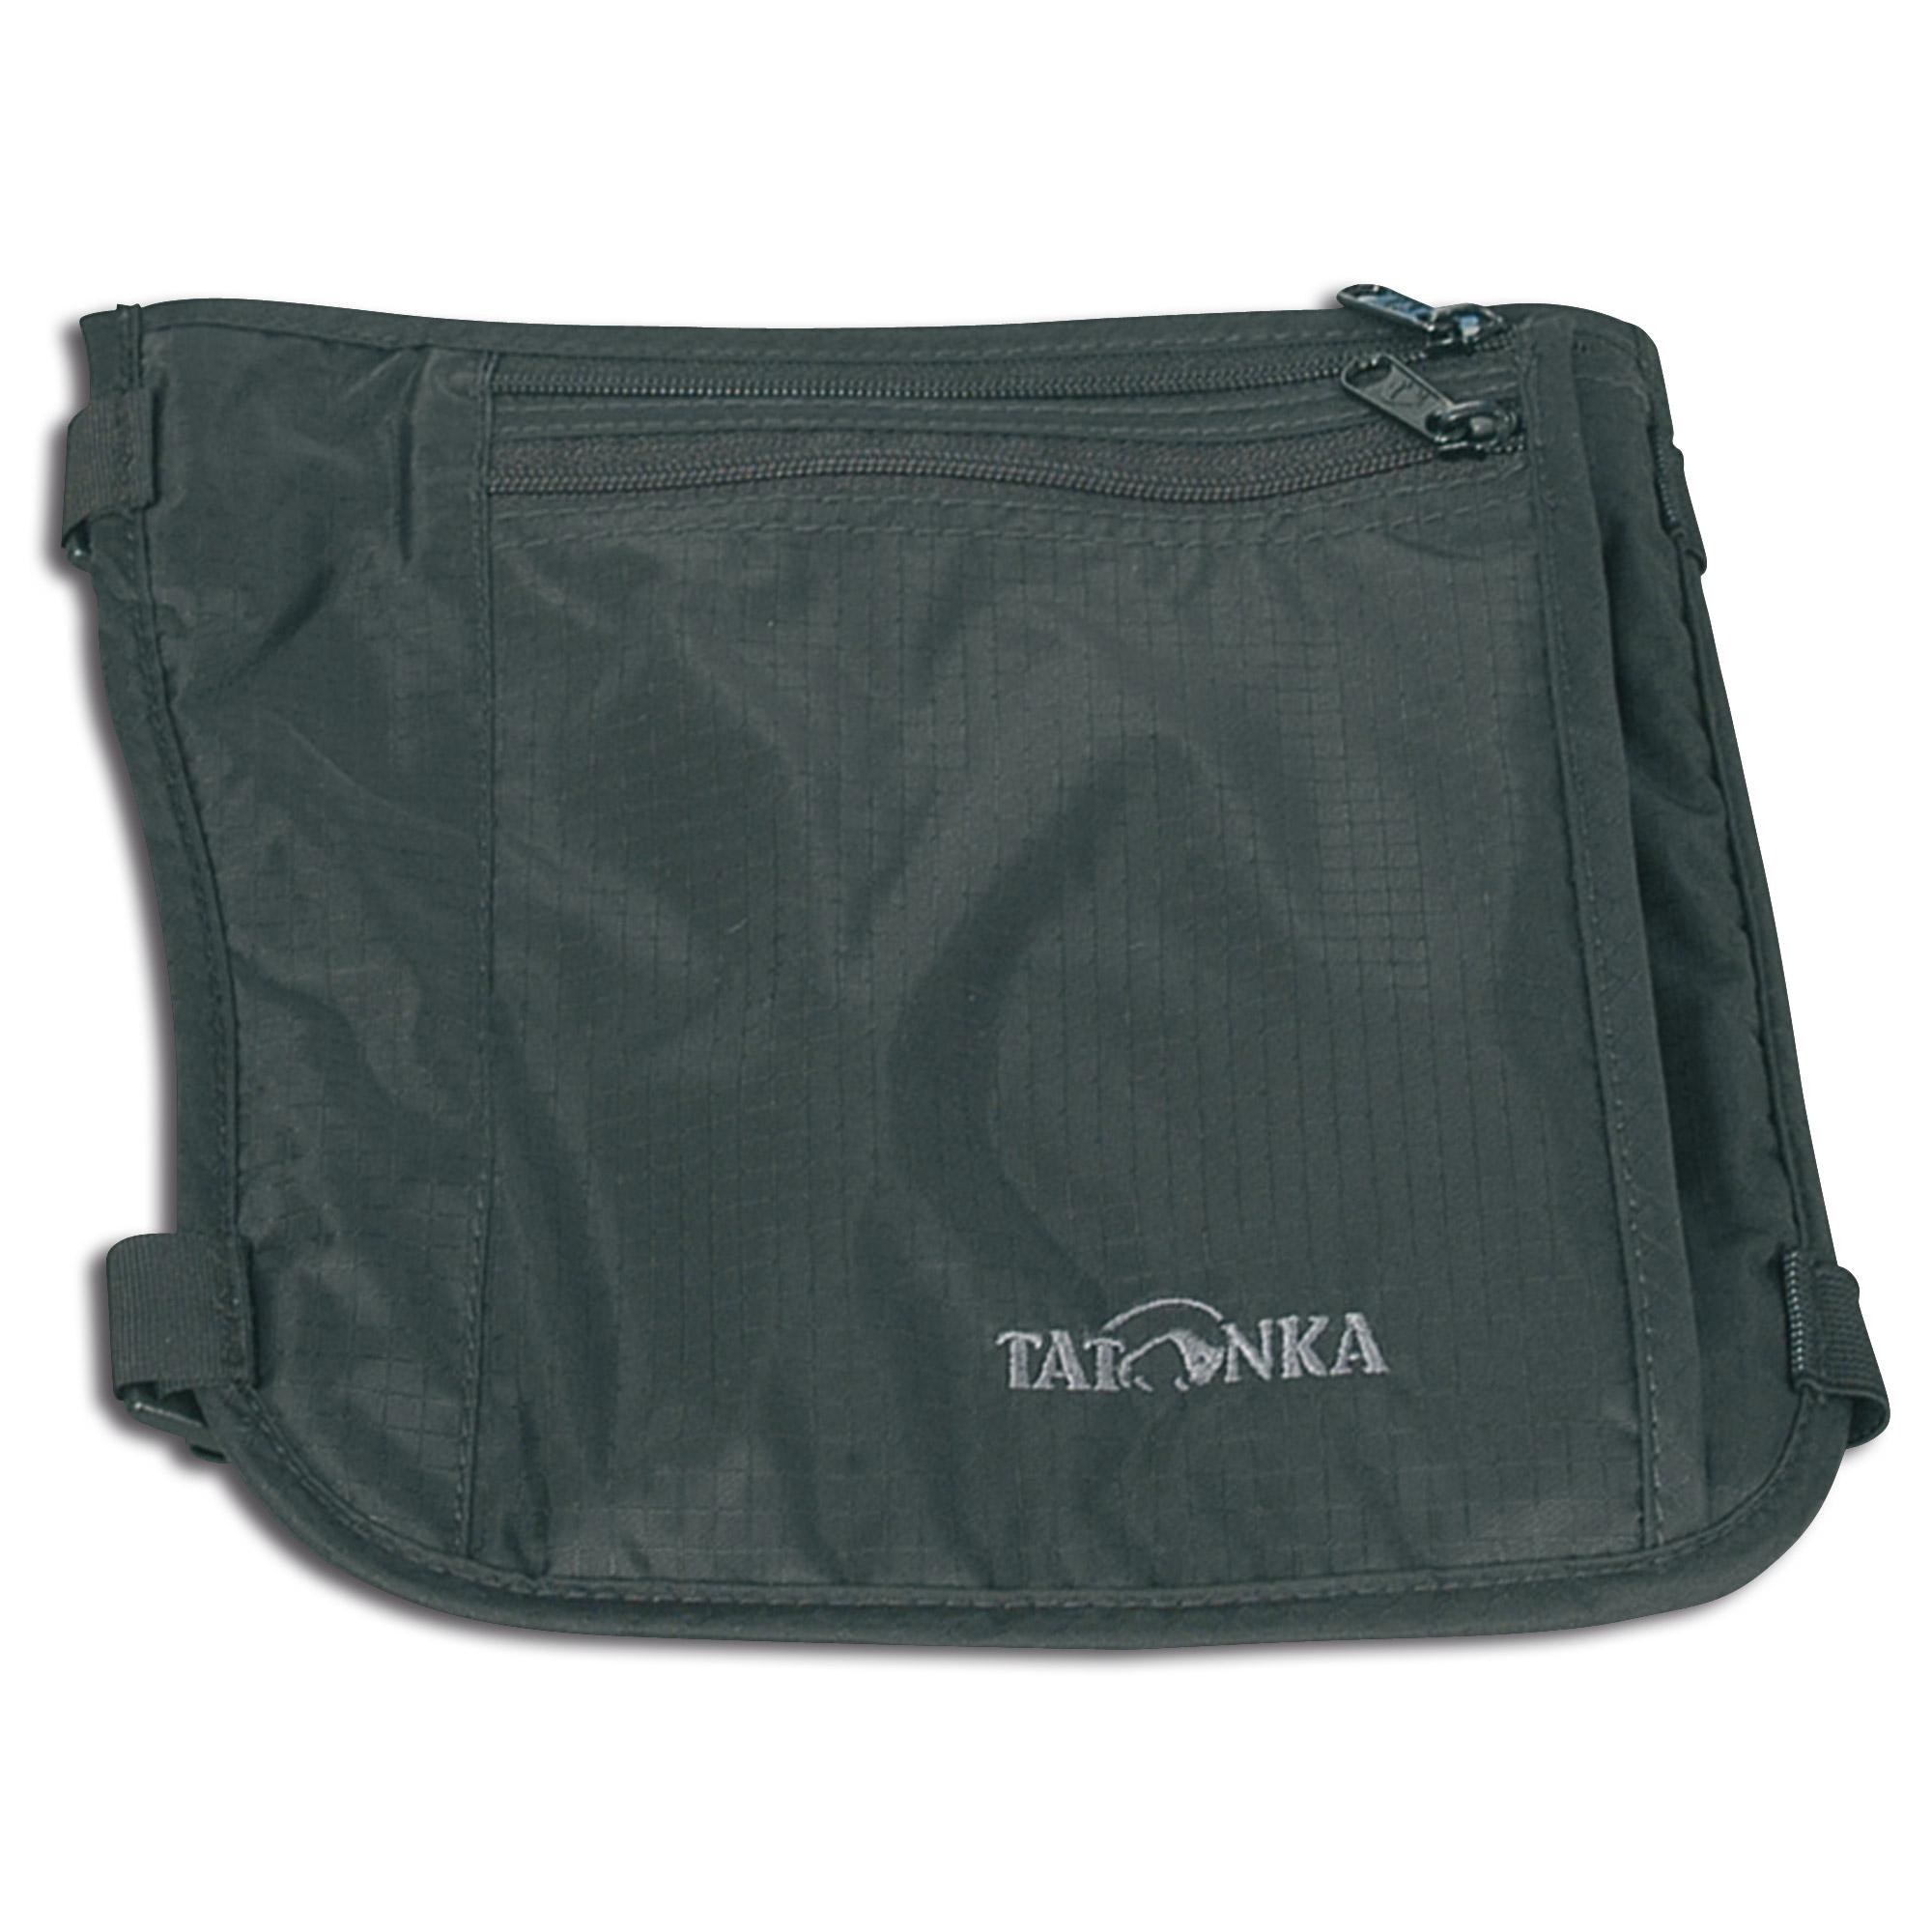 Cosciale Skin Secret marca Tatonka colore nero